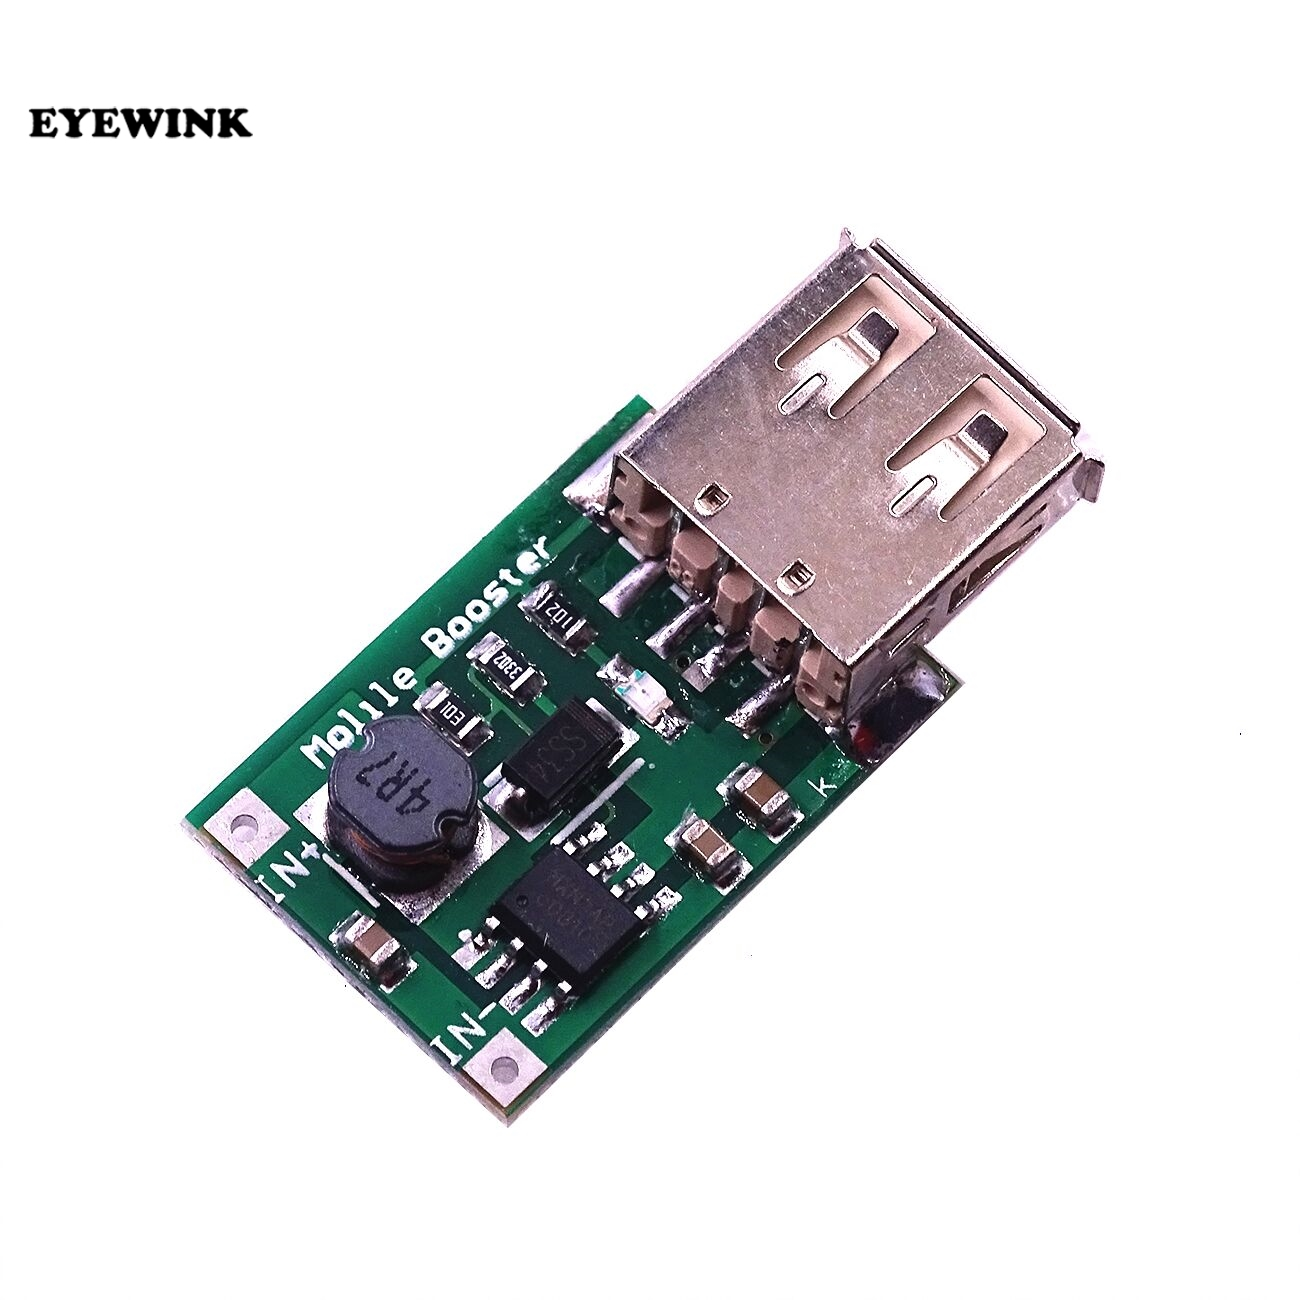 Повышающий преобразователь с USB на 2-5 в до 5 В, 1200 мА, мини-модуль питания, плата зарядного устройства для литиевых батарей для телефона, камер...